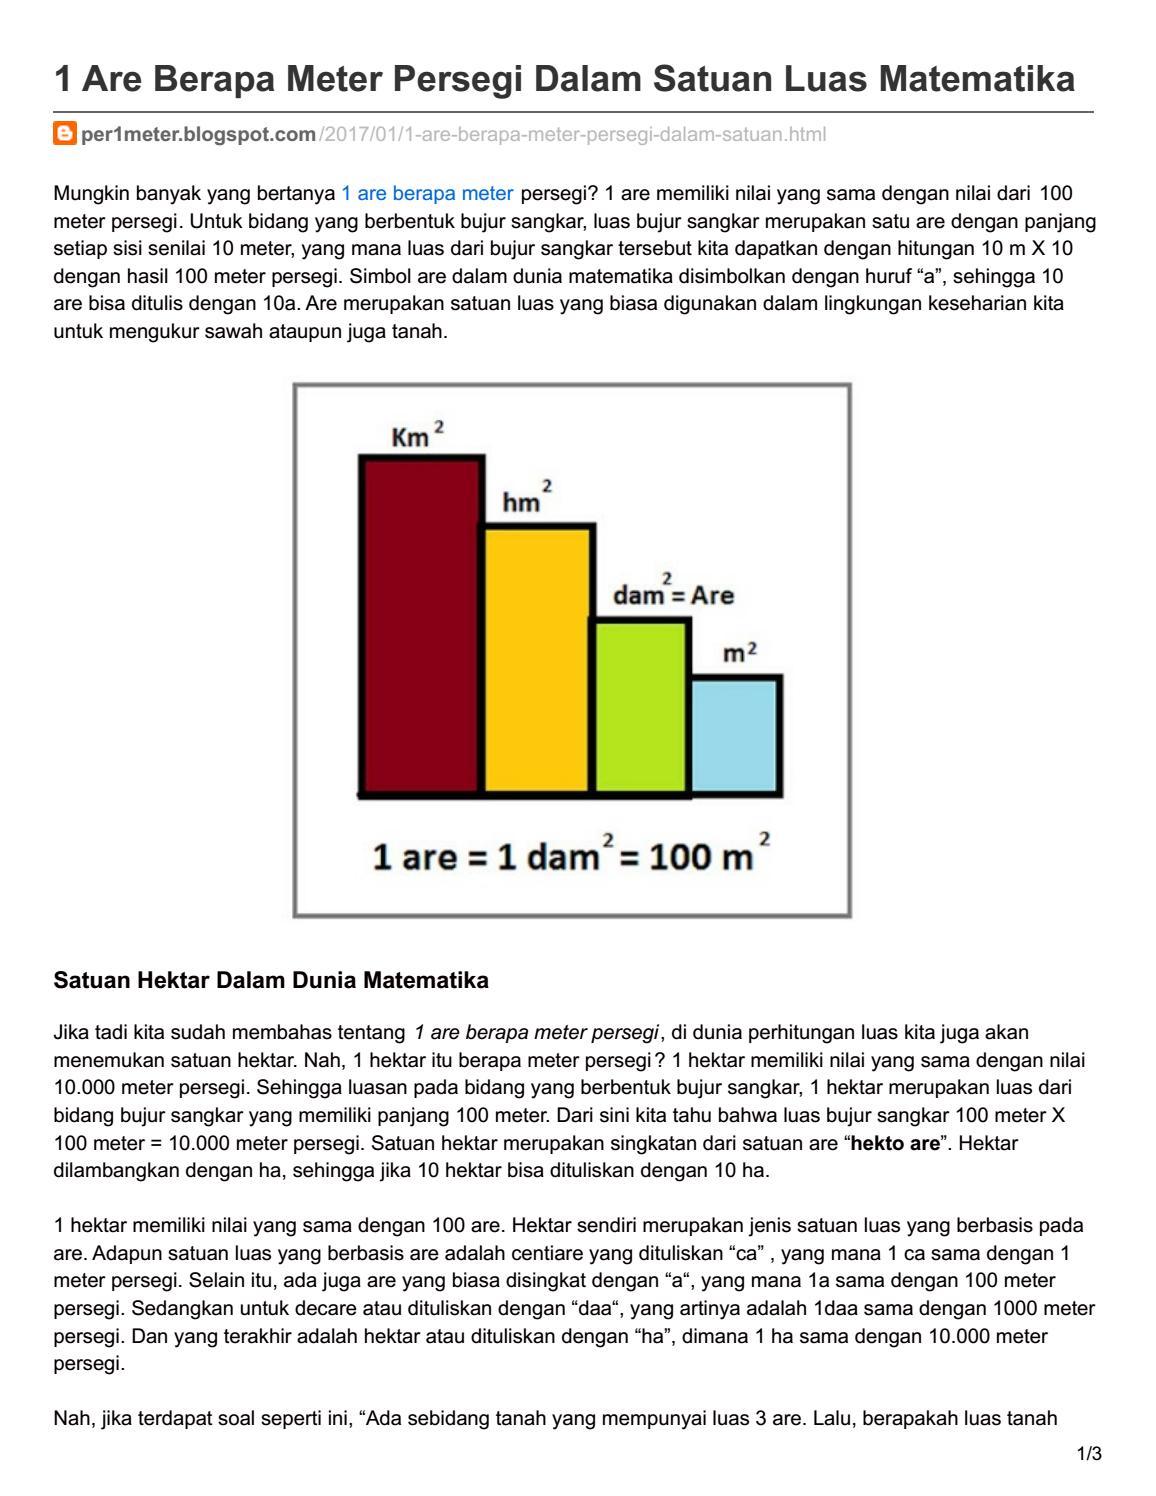 1 Are Berapa Meter Persegi : berapa, meter, persegi, Per1meter, Blogspot, Berapa, Meter, Persegi, Dalam, Satuan, Matematika, Yoedhistiera, Nugraha, Issuu